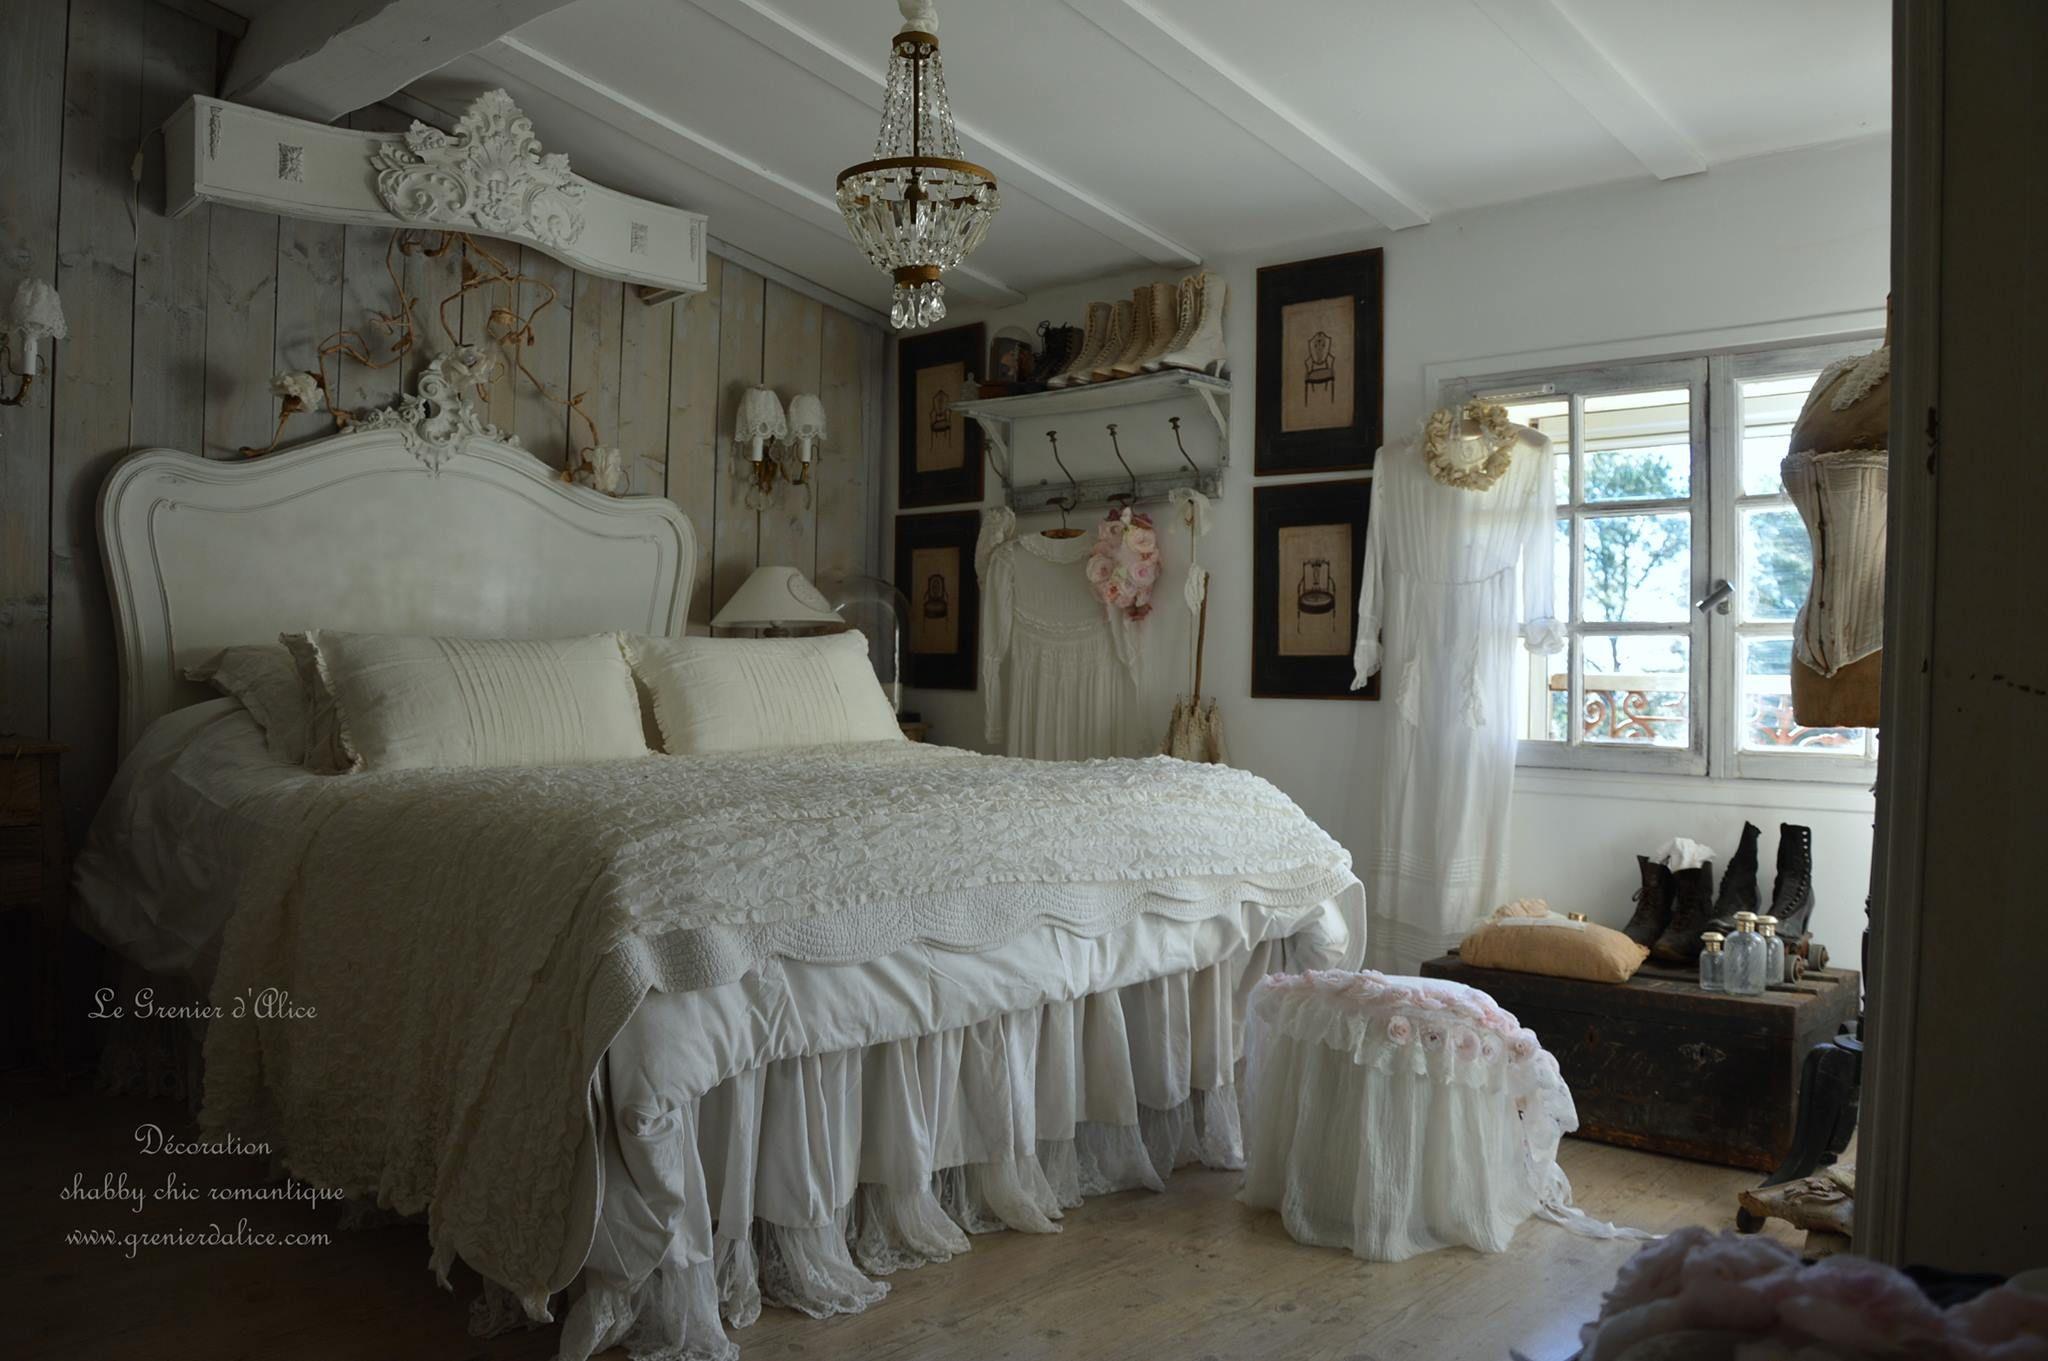 chambre romantique chambre shabby chic chambre le grenier d'alice